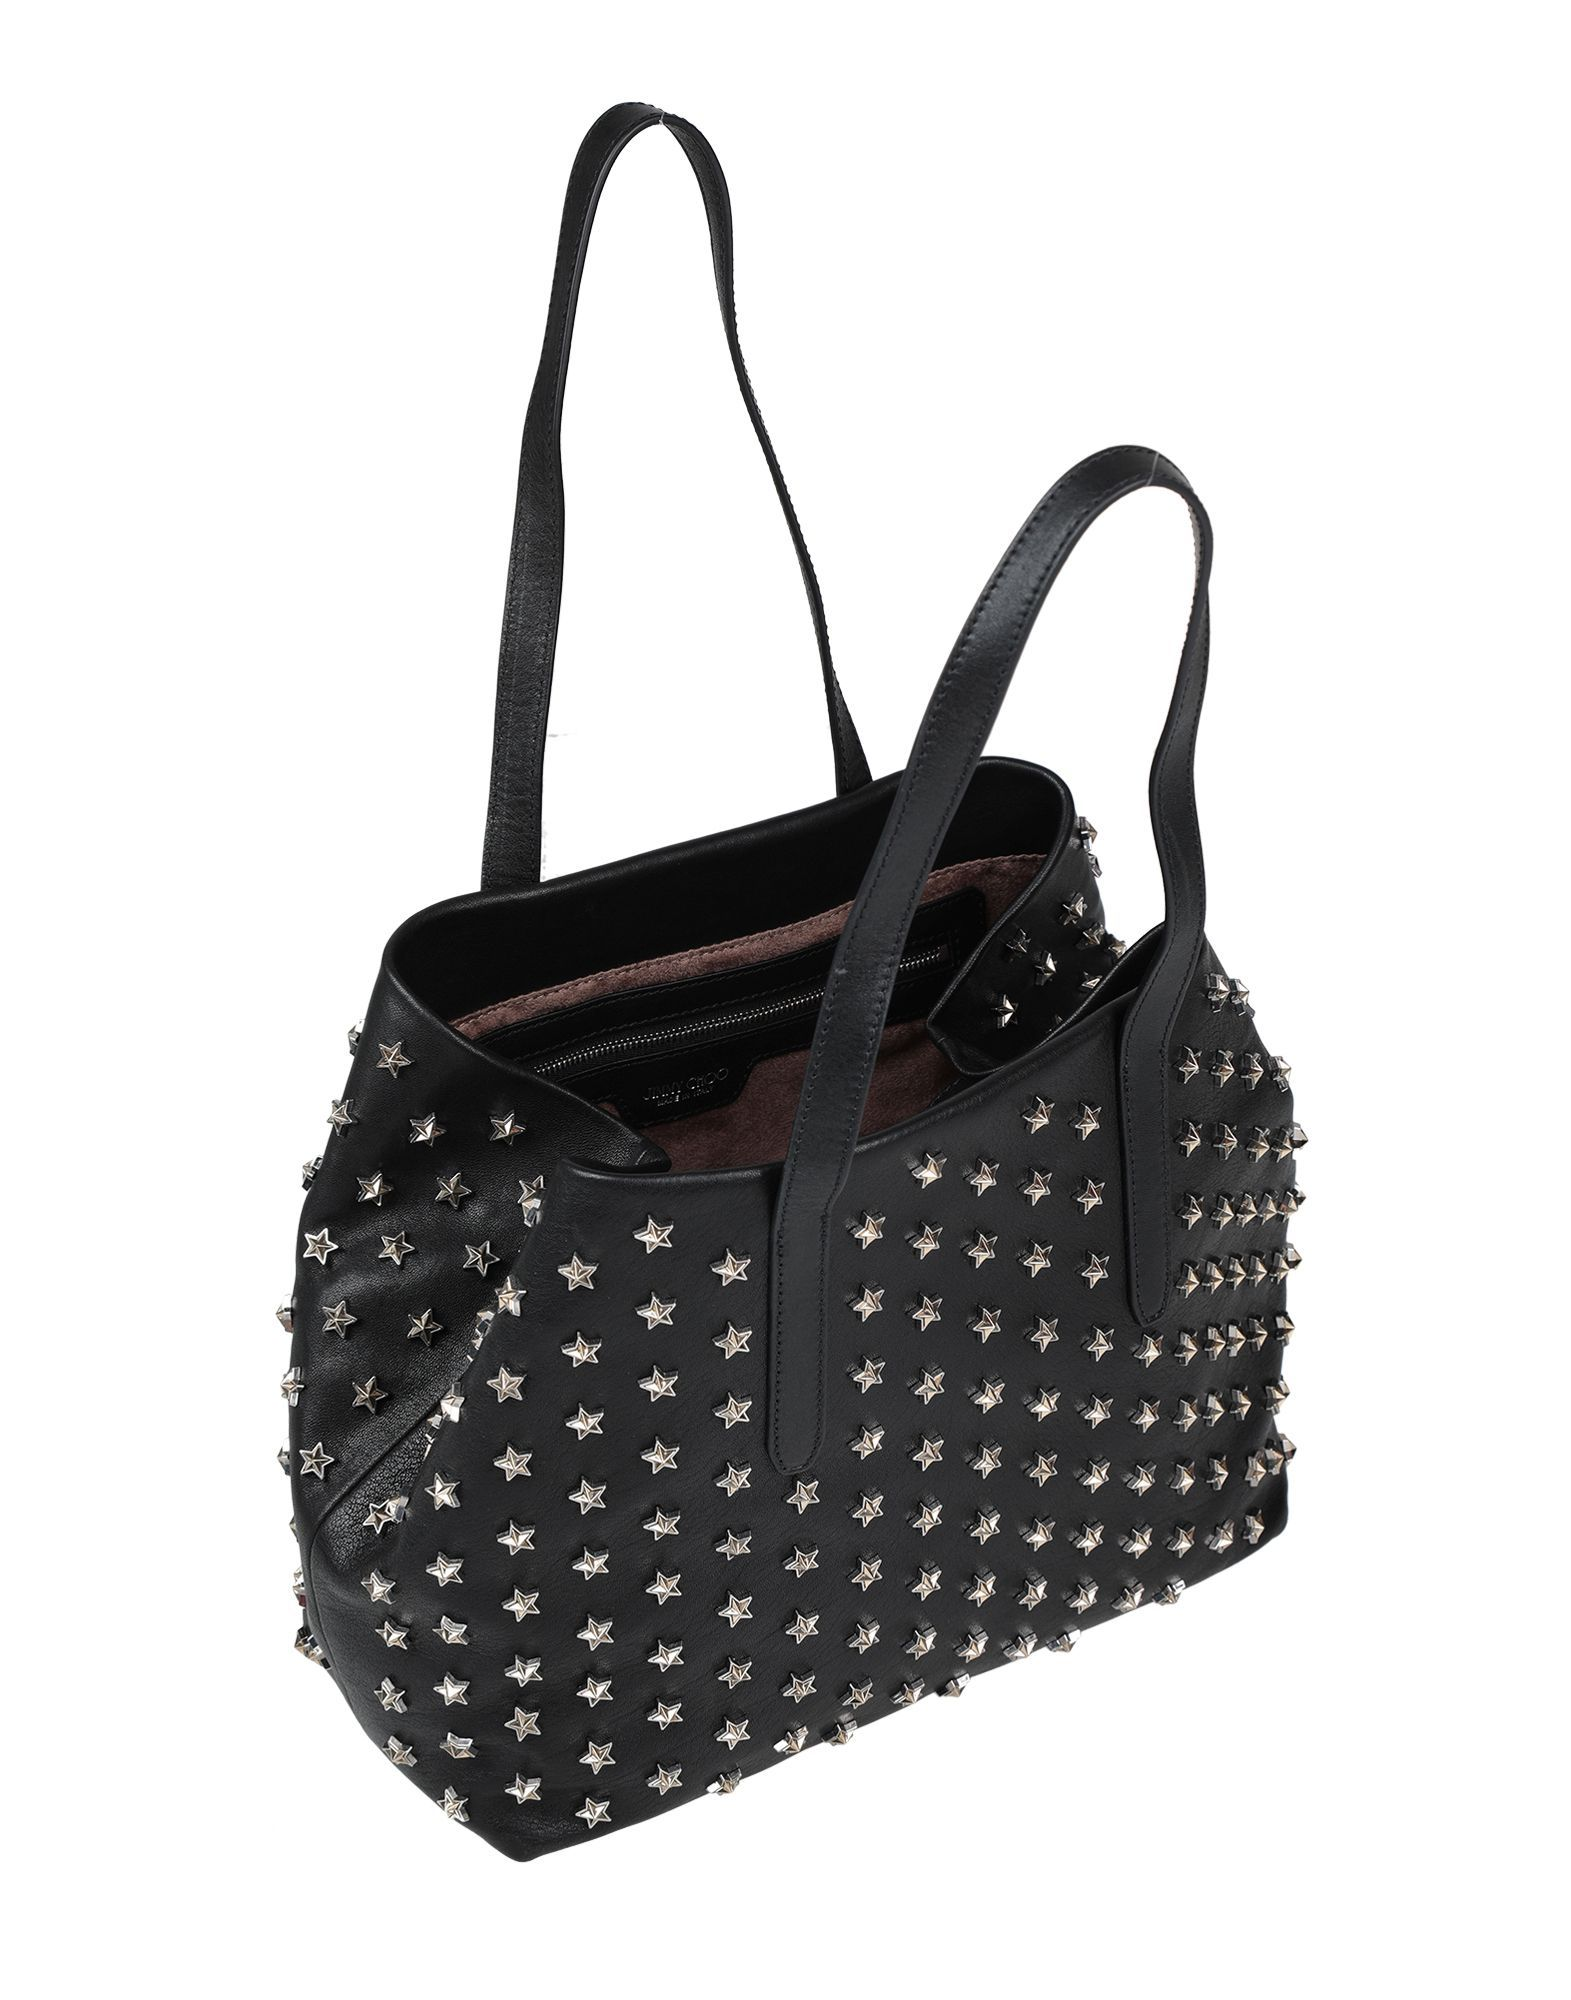 Jimmy Choo Black Leather Studded Shoulder Bag